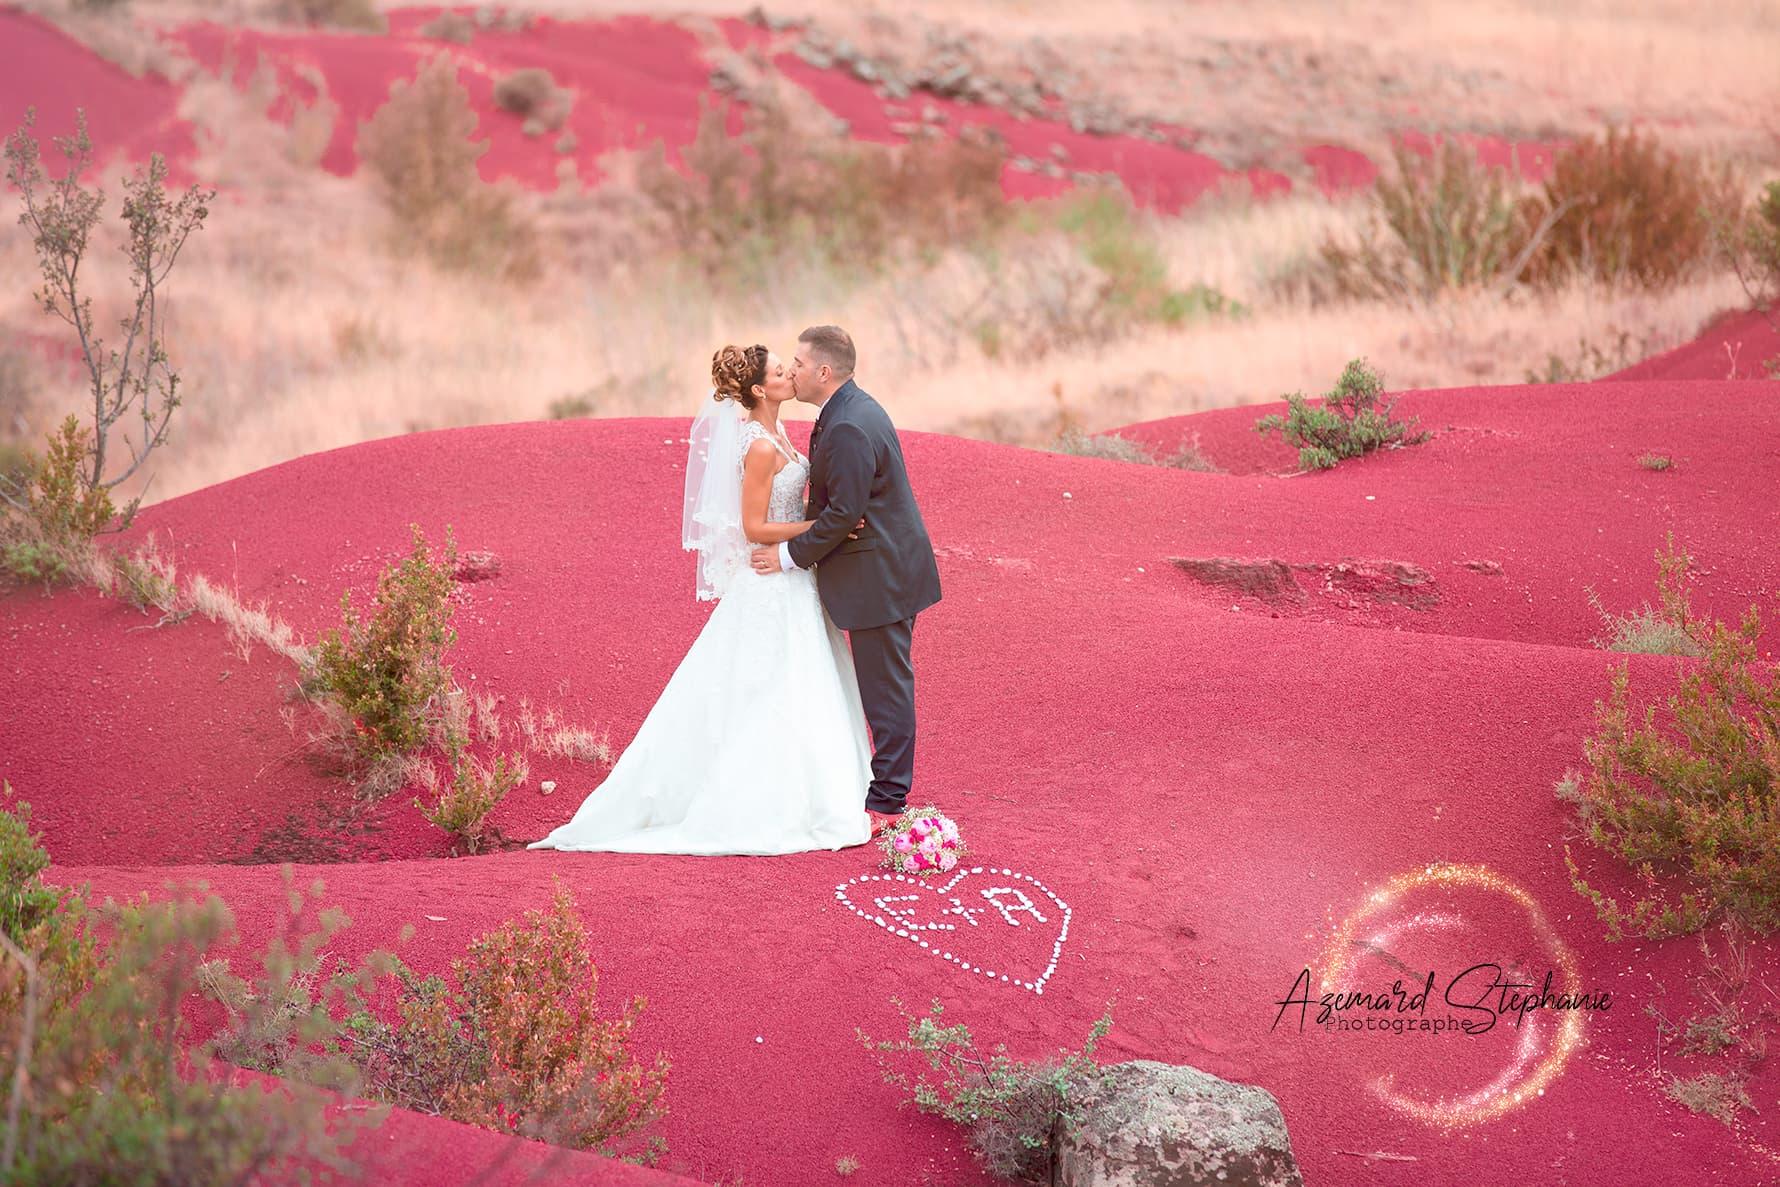 Photo de couple mariage Aurore et Eric lac du Salagou dans l'Hérault . Azemard Stéphanie photographe